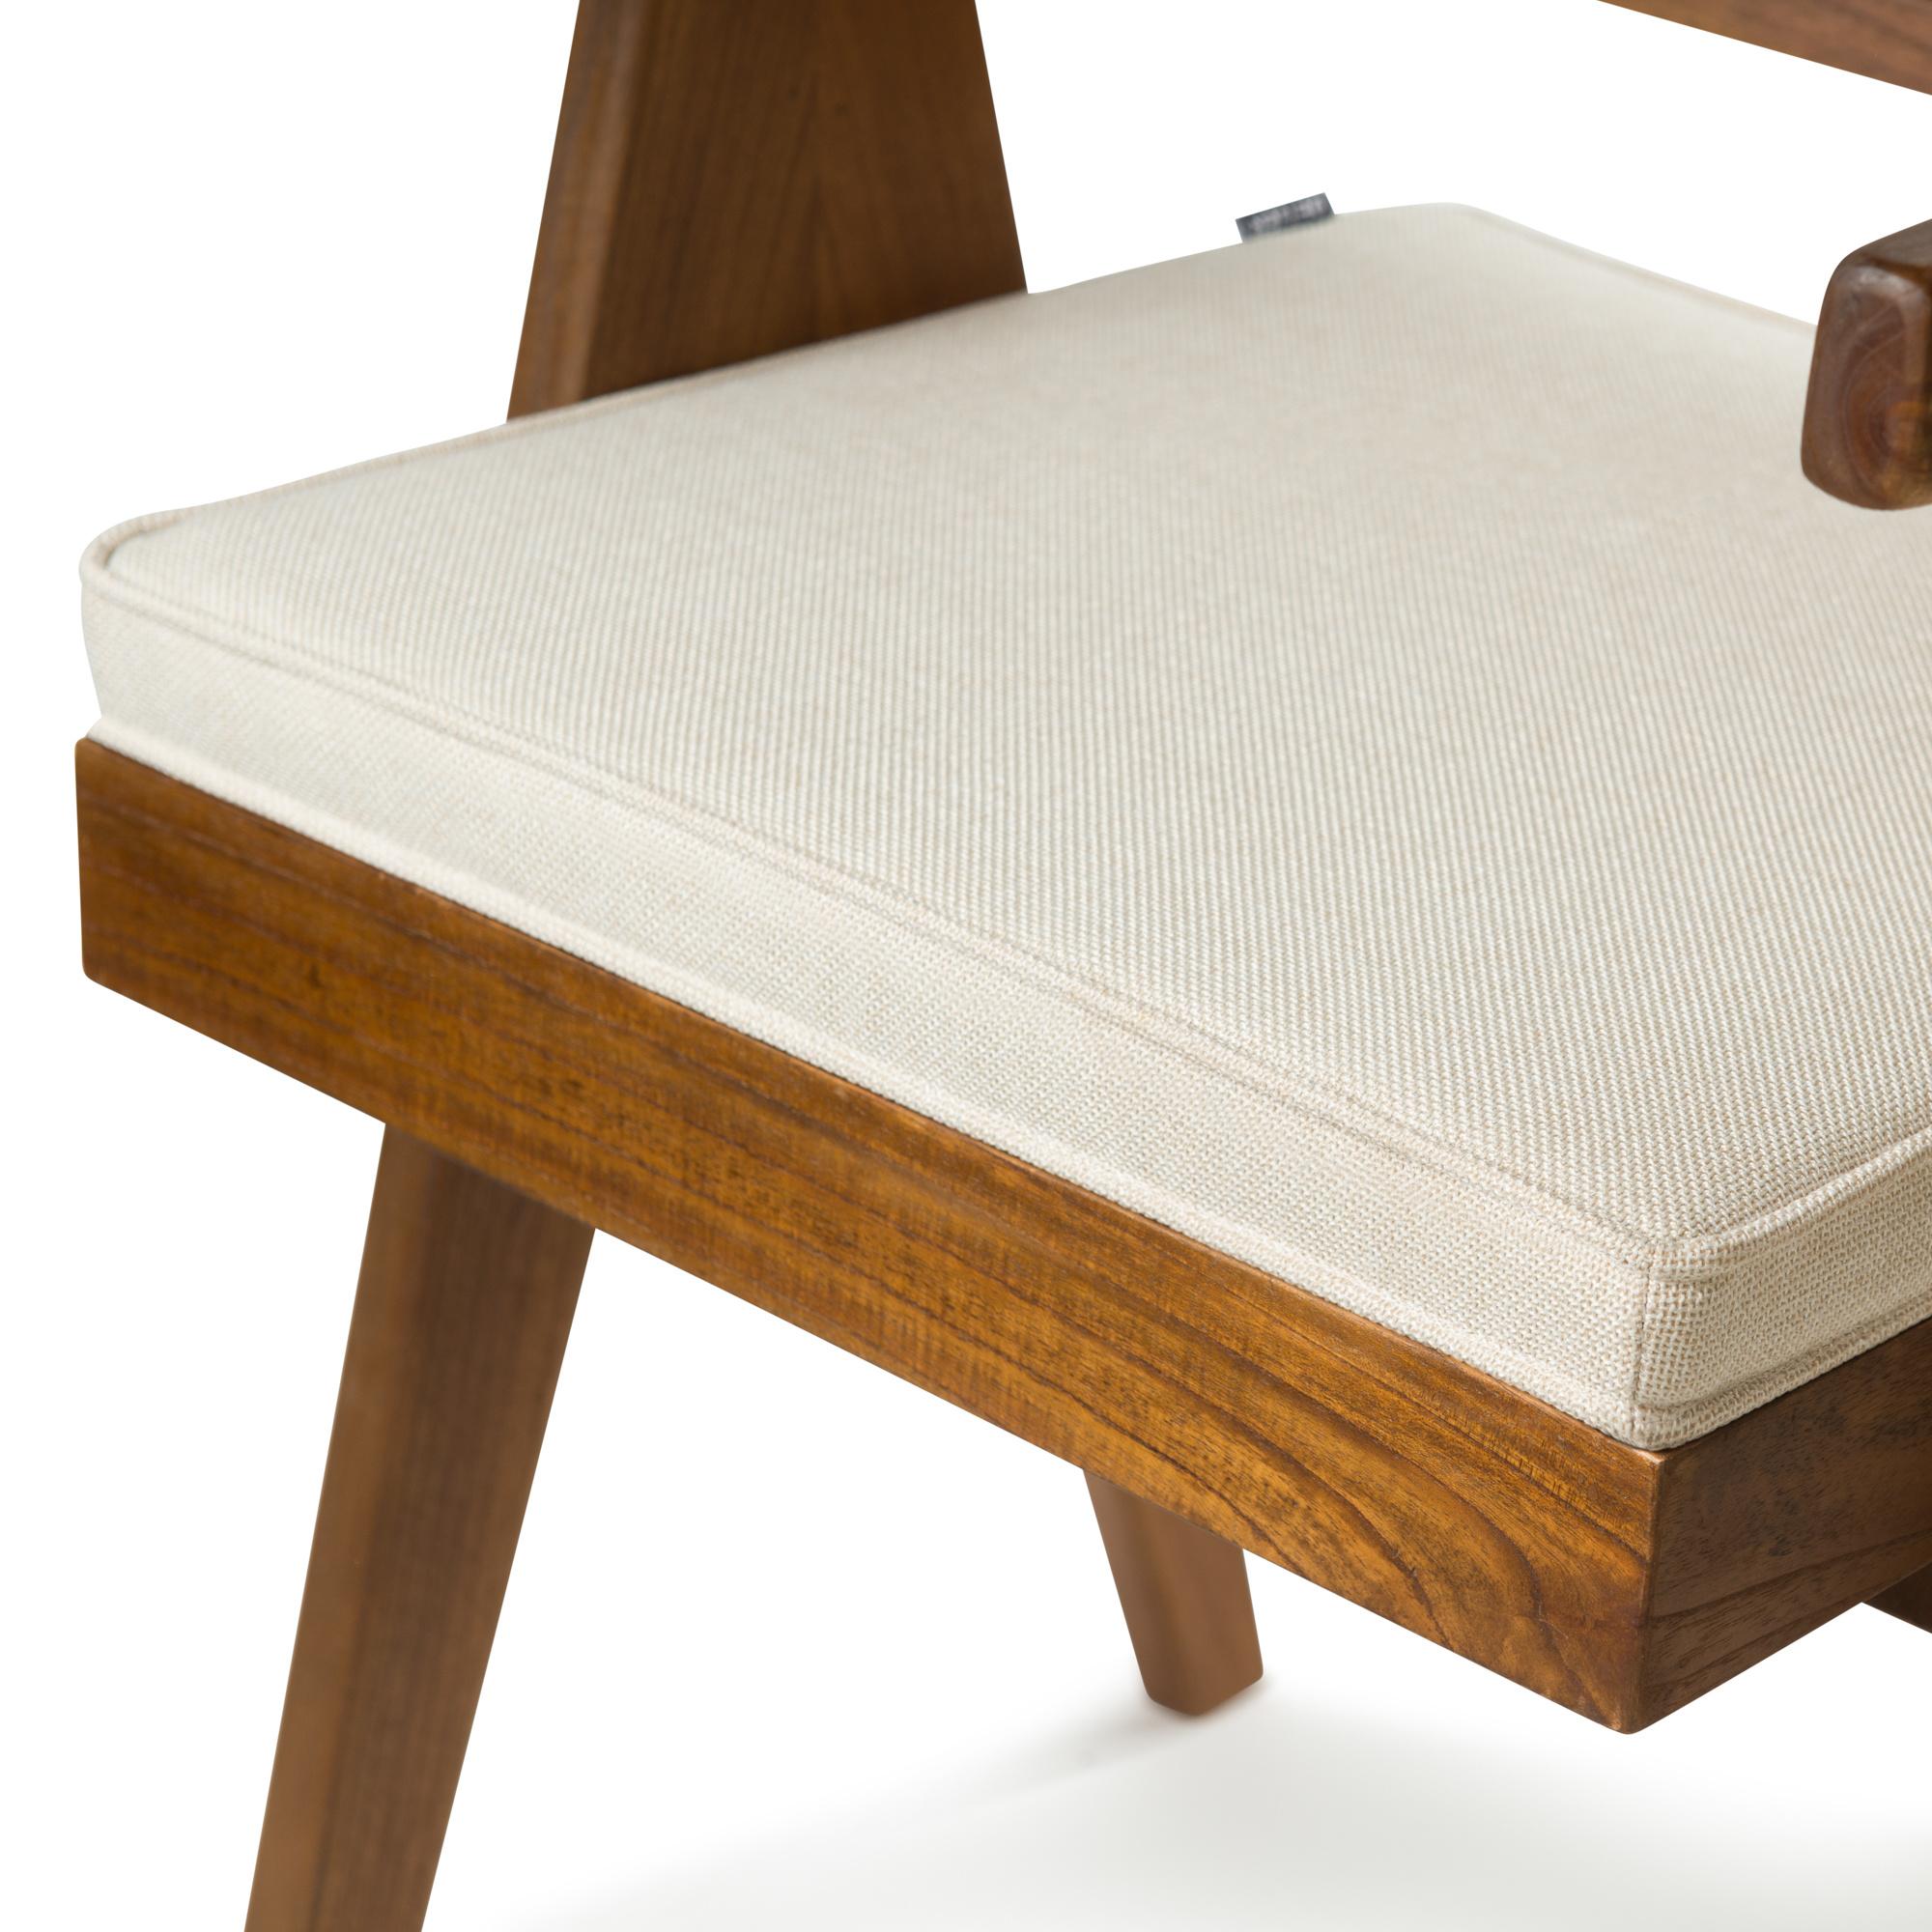 Dining Chair Cushion - Creme-1